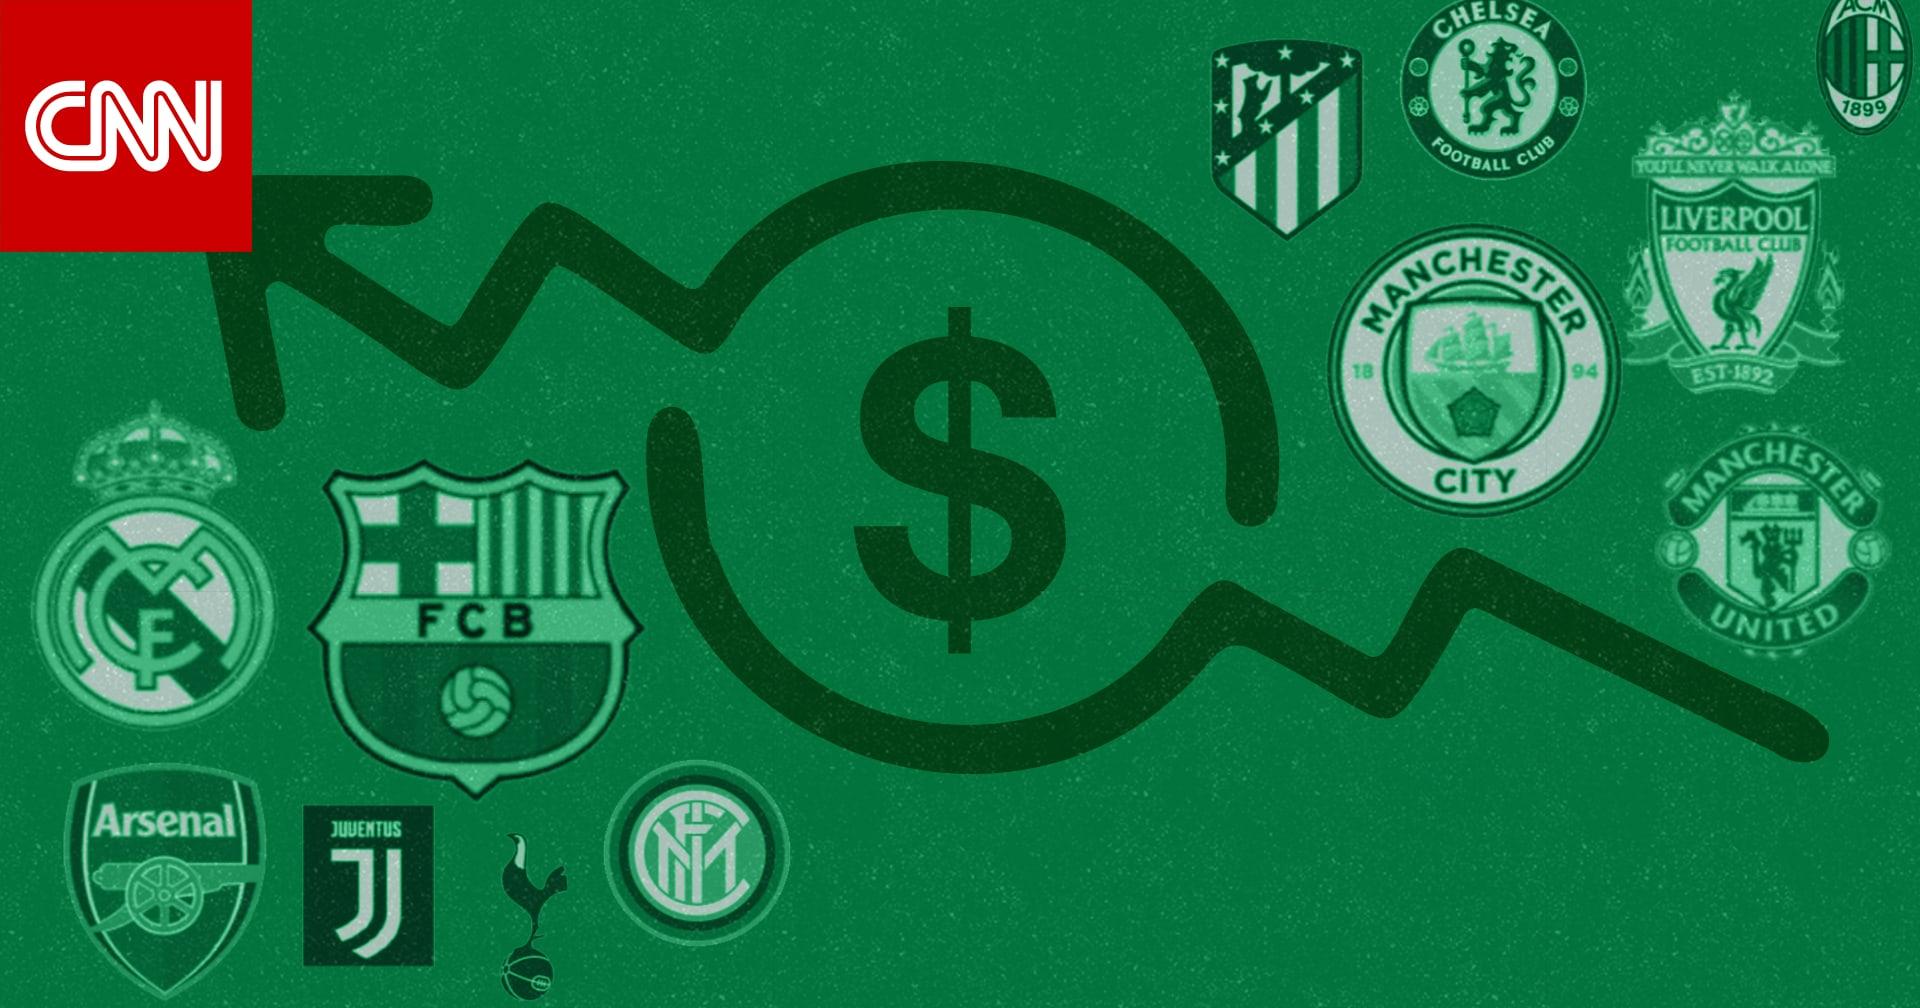 كم تبلغ قيمة وإيرادات الأندية التي تقف وراء دوري السوبر الأوروبي؟